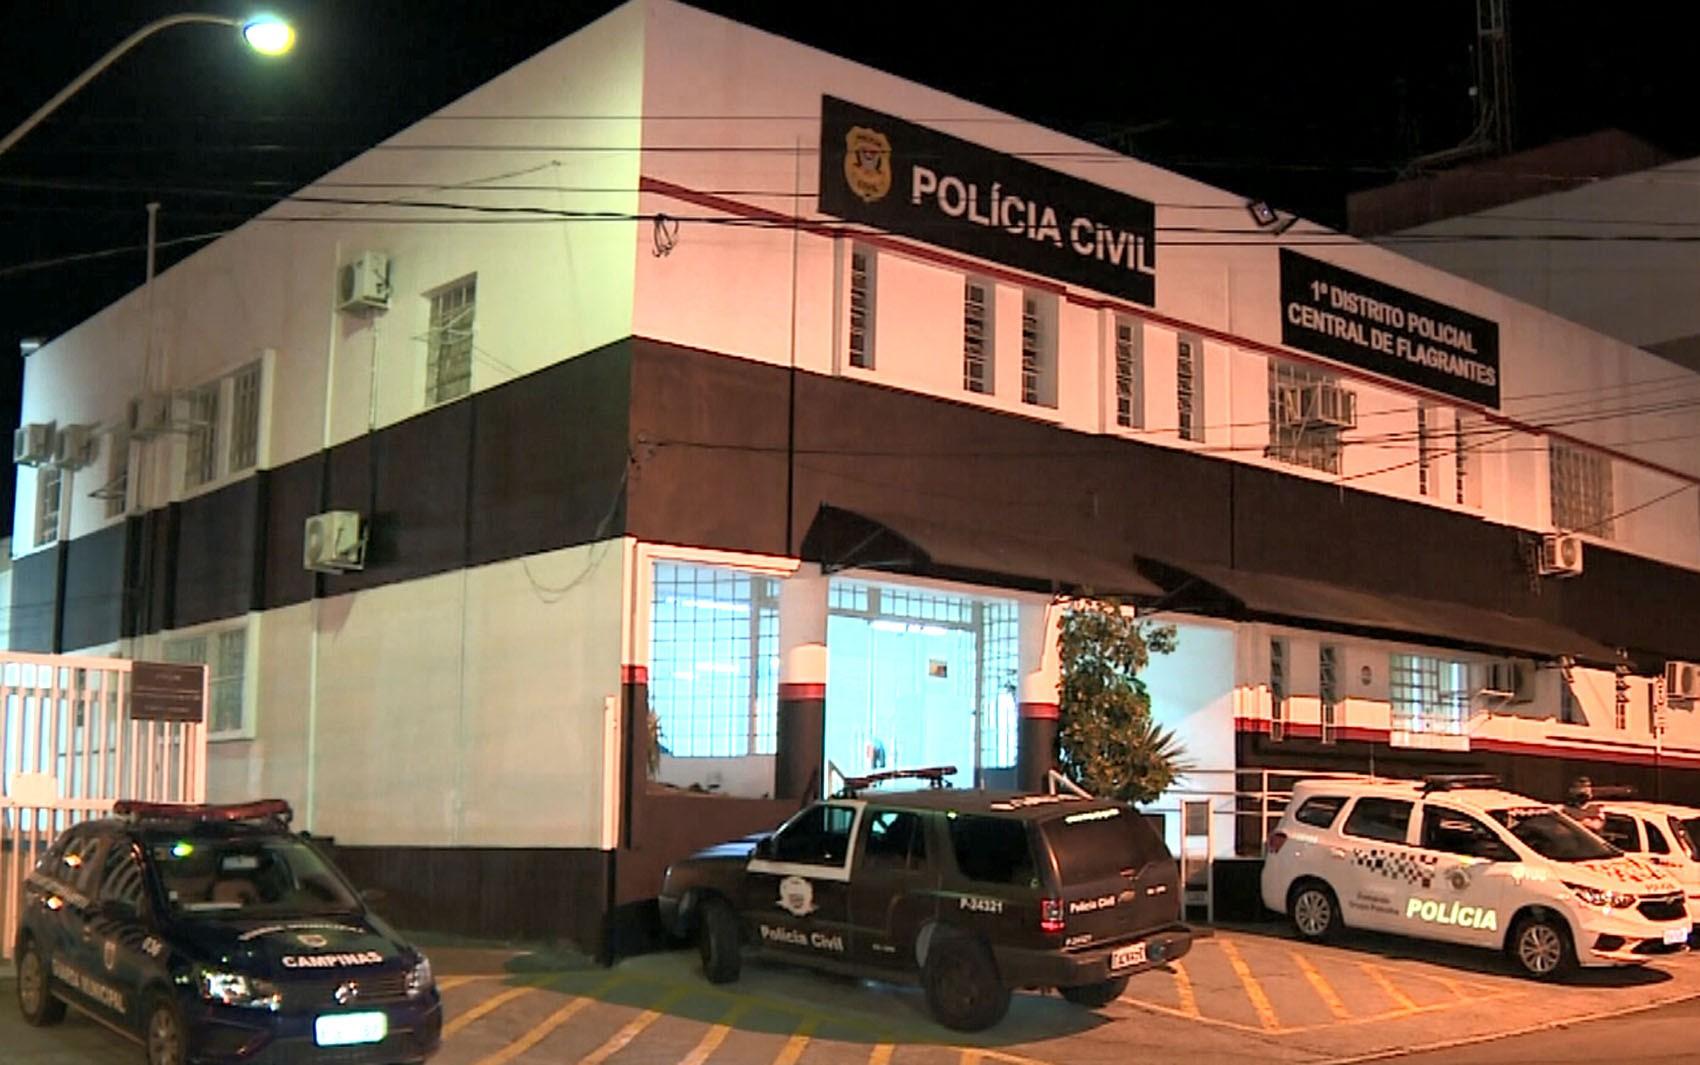 Motociclista morre após bater em carro na estrada da Rhodia, em Campinas